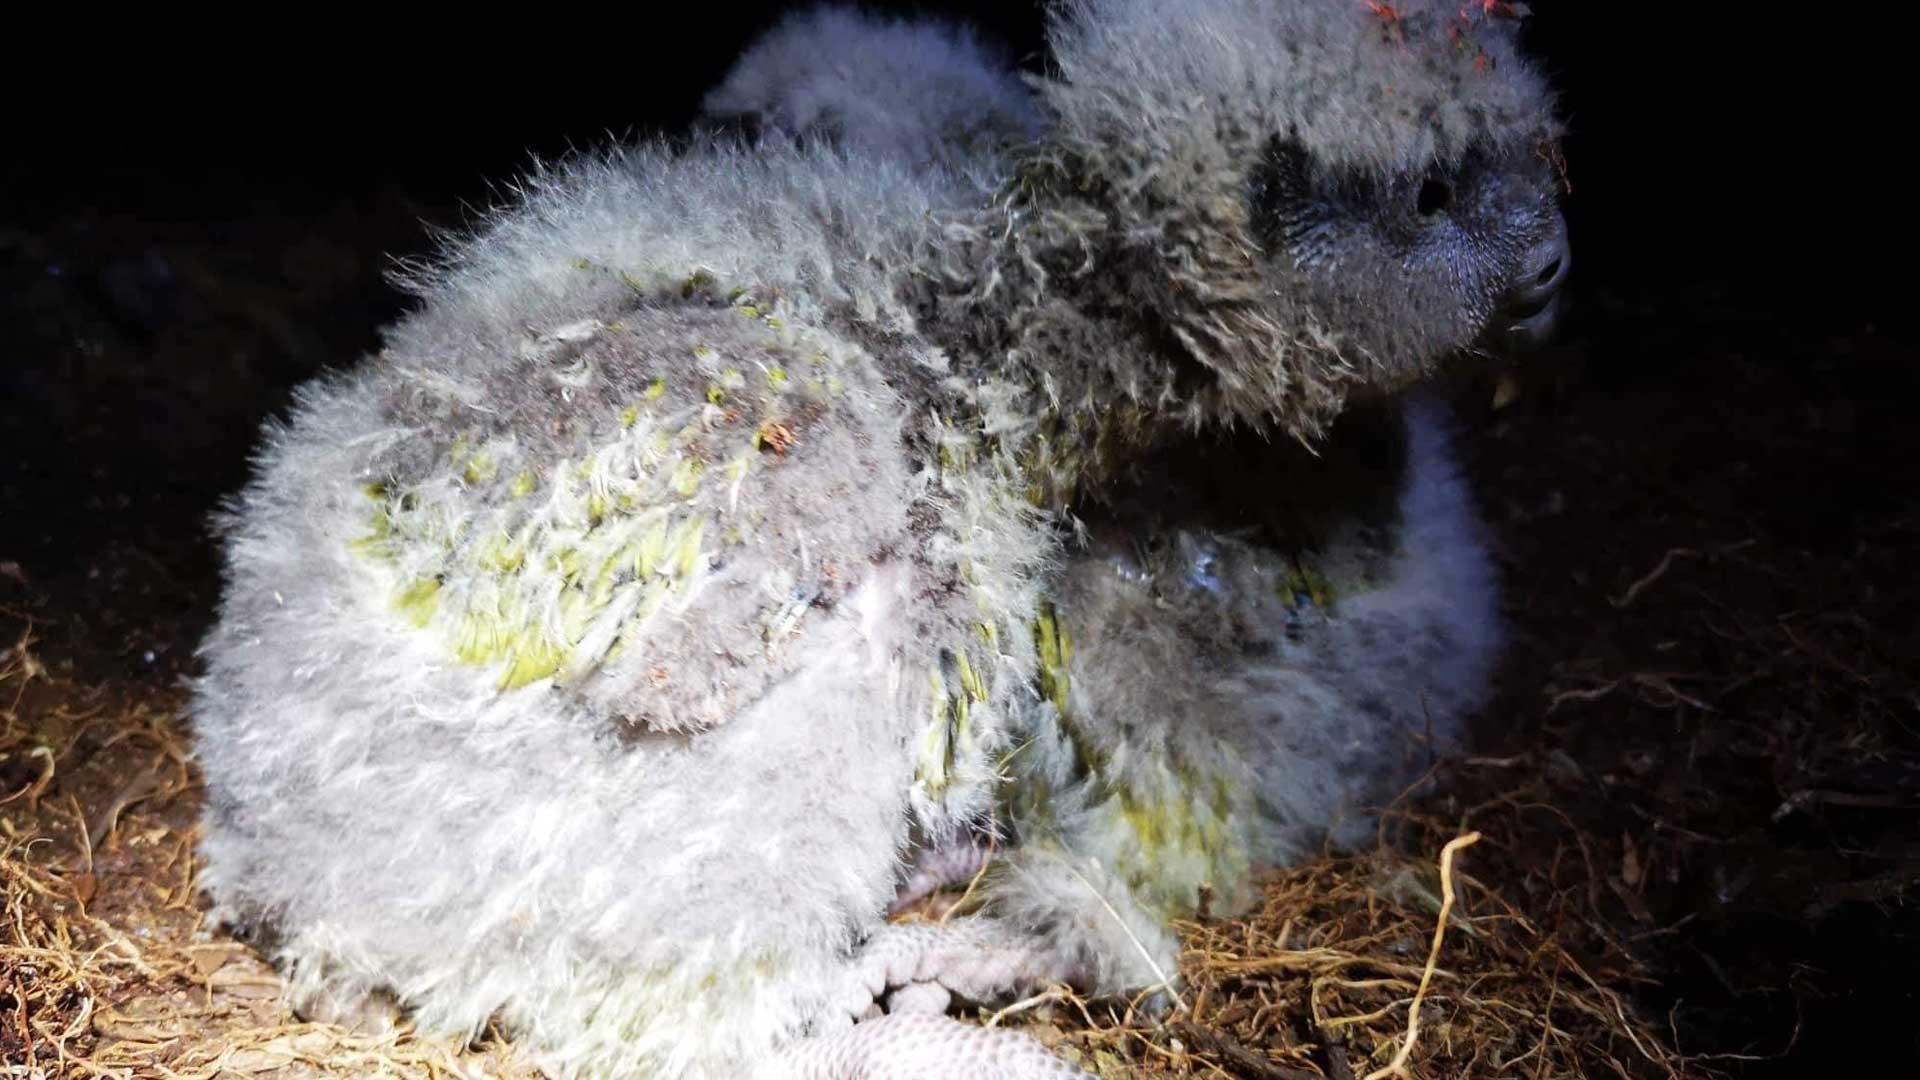 https://rfacdn.nz/zoo/assets/media/kakapo-hinemoa-gallery-10.jpg